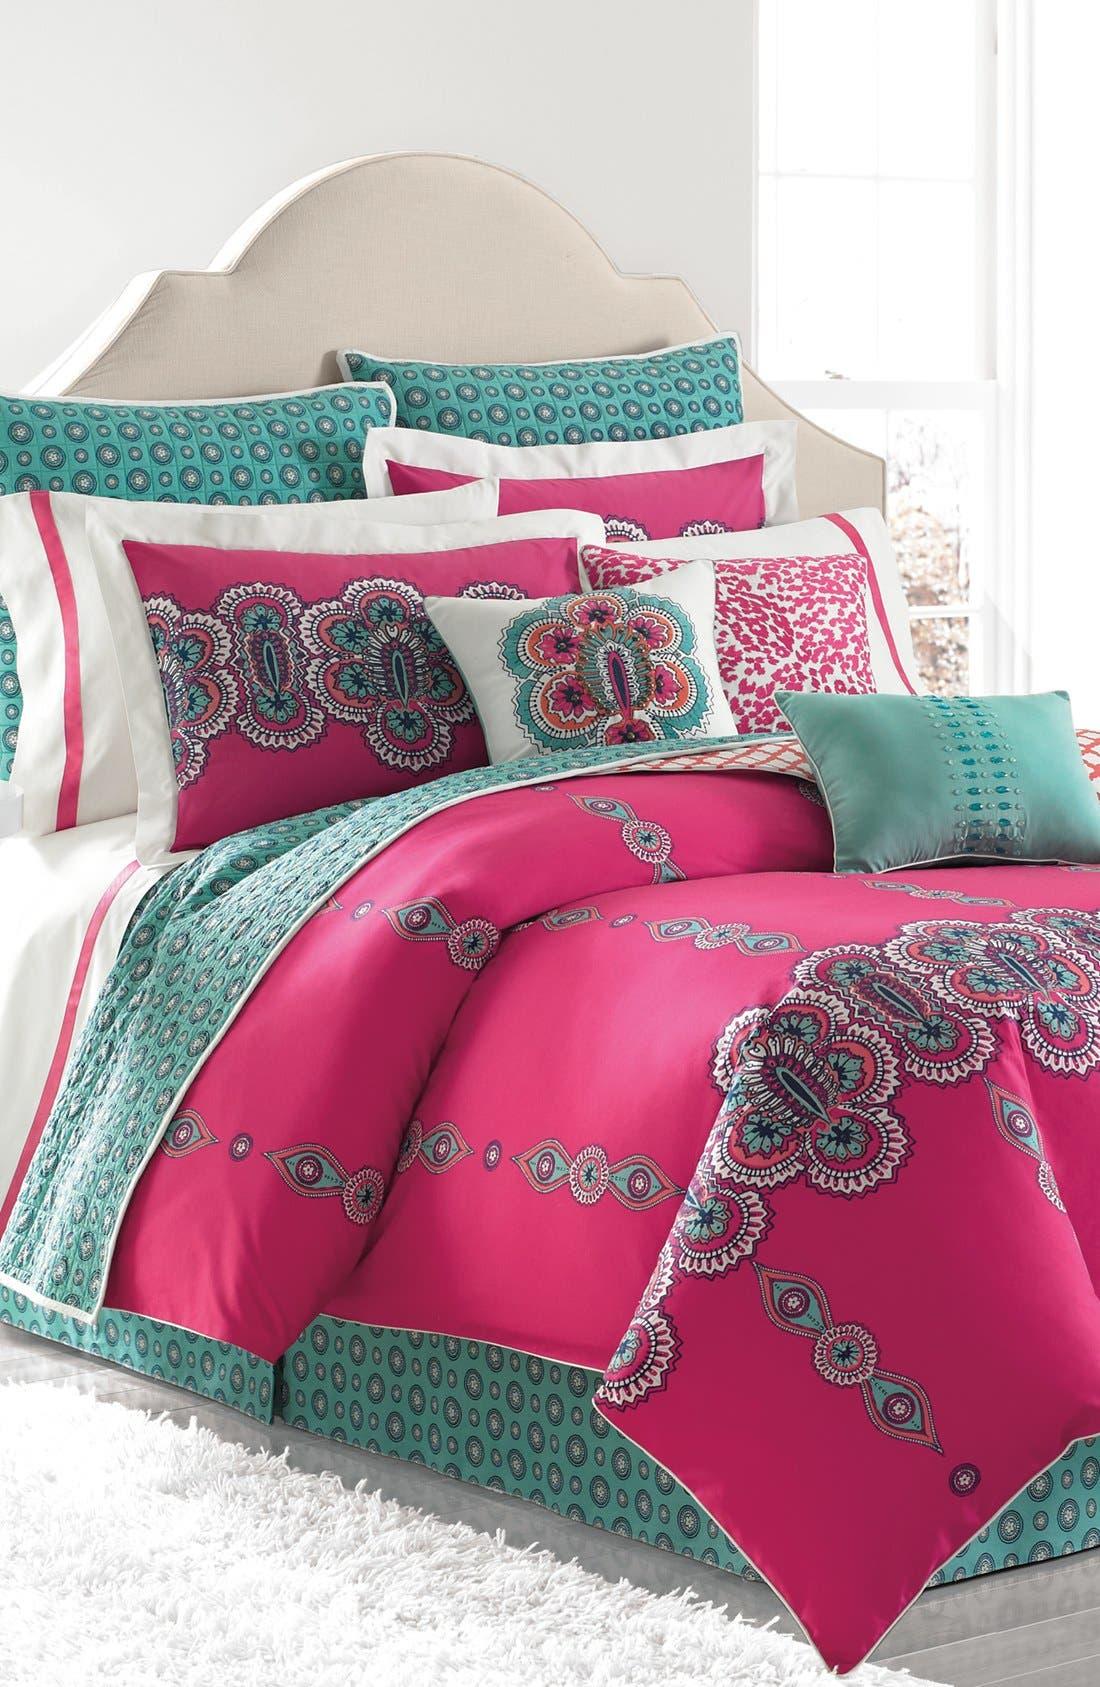 Alternate Image 1 Selected - Laundry by Shelli Segal 'Shiva' Duvet Cover